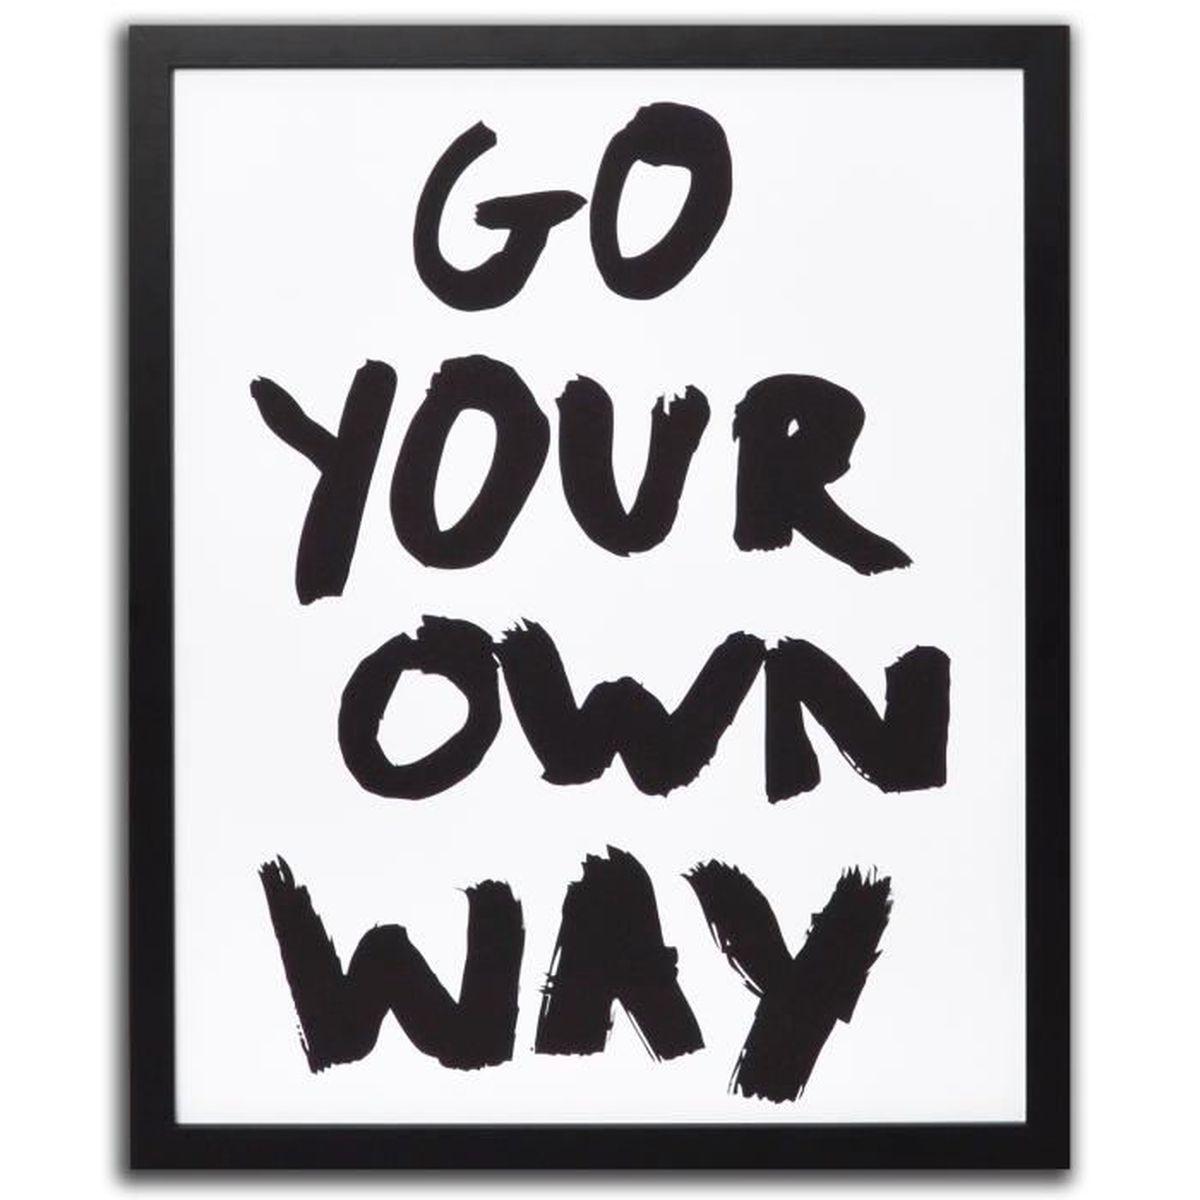 words affiche way encadr e noire et blanche 40x50cm noir achat vente tableau toile. Black Bedroom Furniture Sets. Home Design Ideas